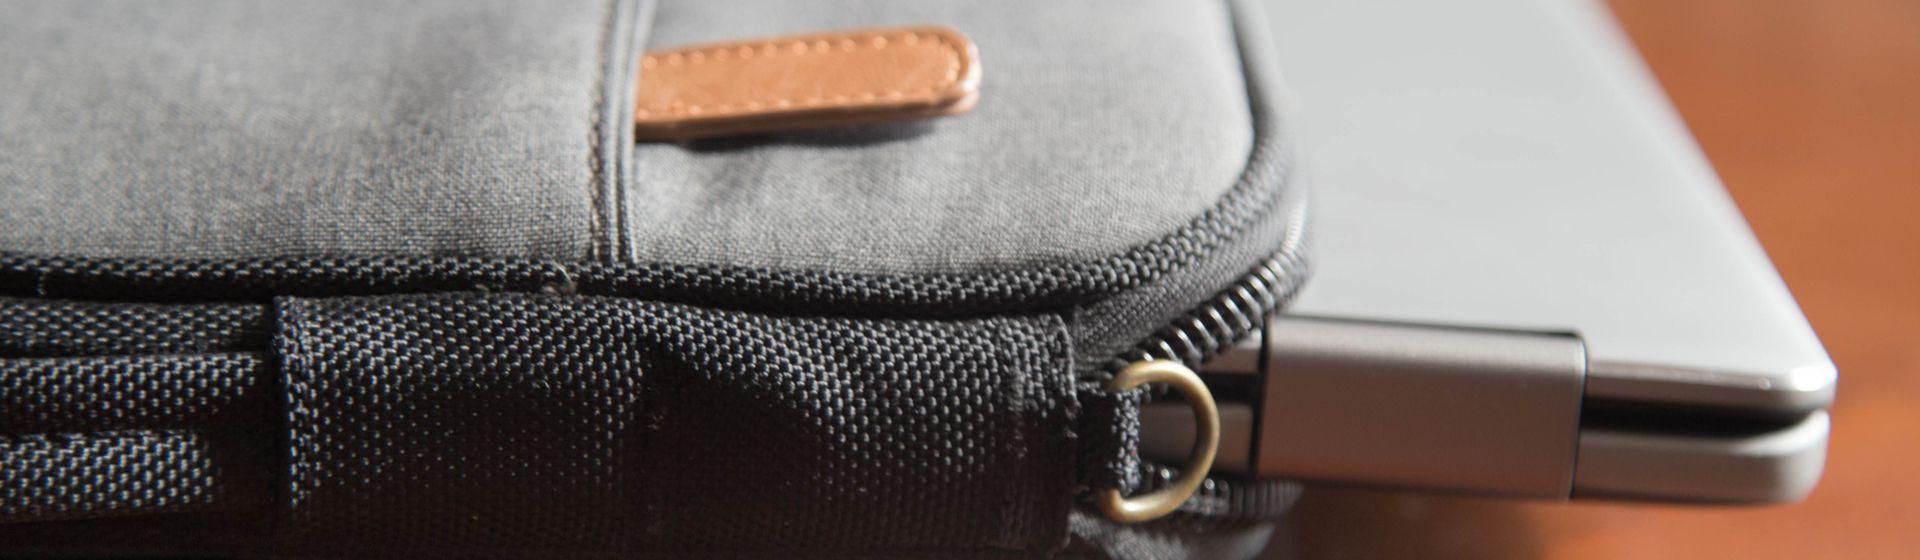 Capa para notebook: 6 boas opções para proteger seu laptop